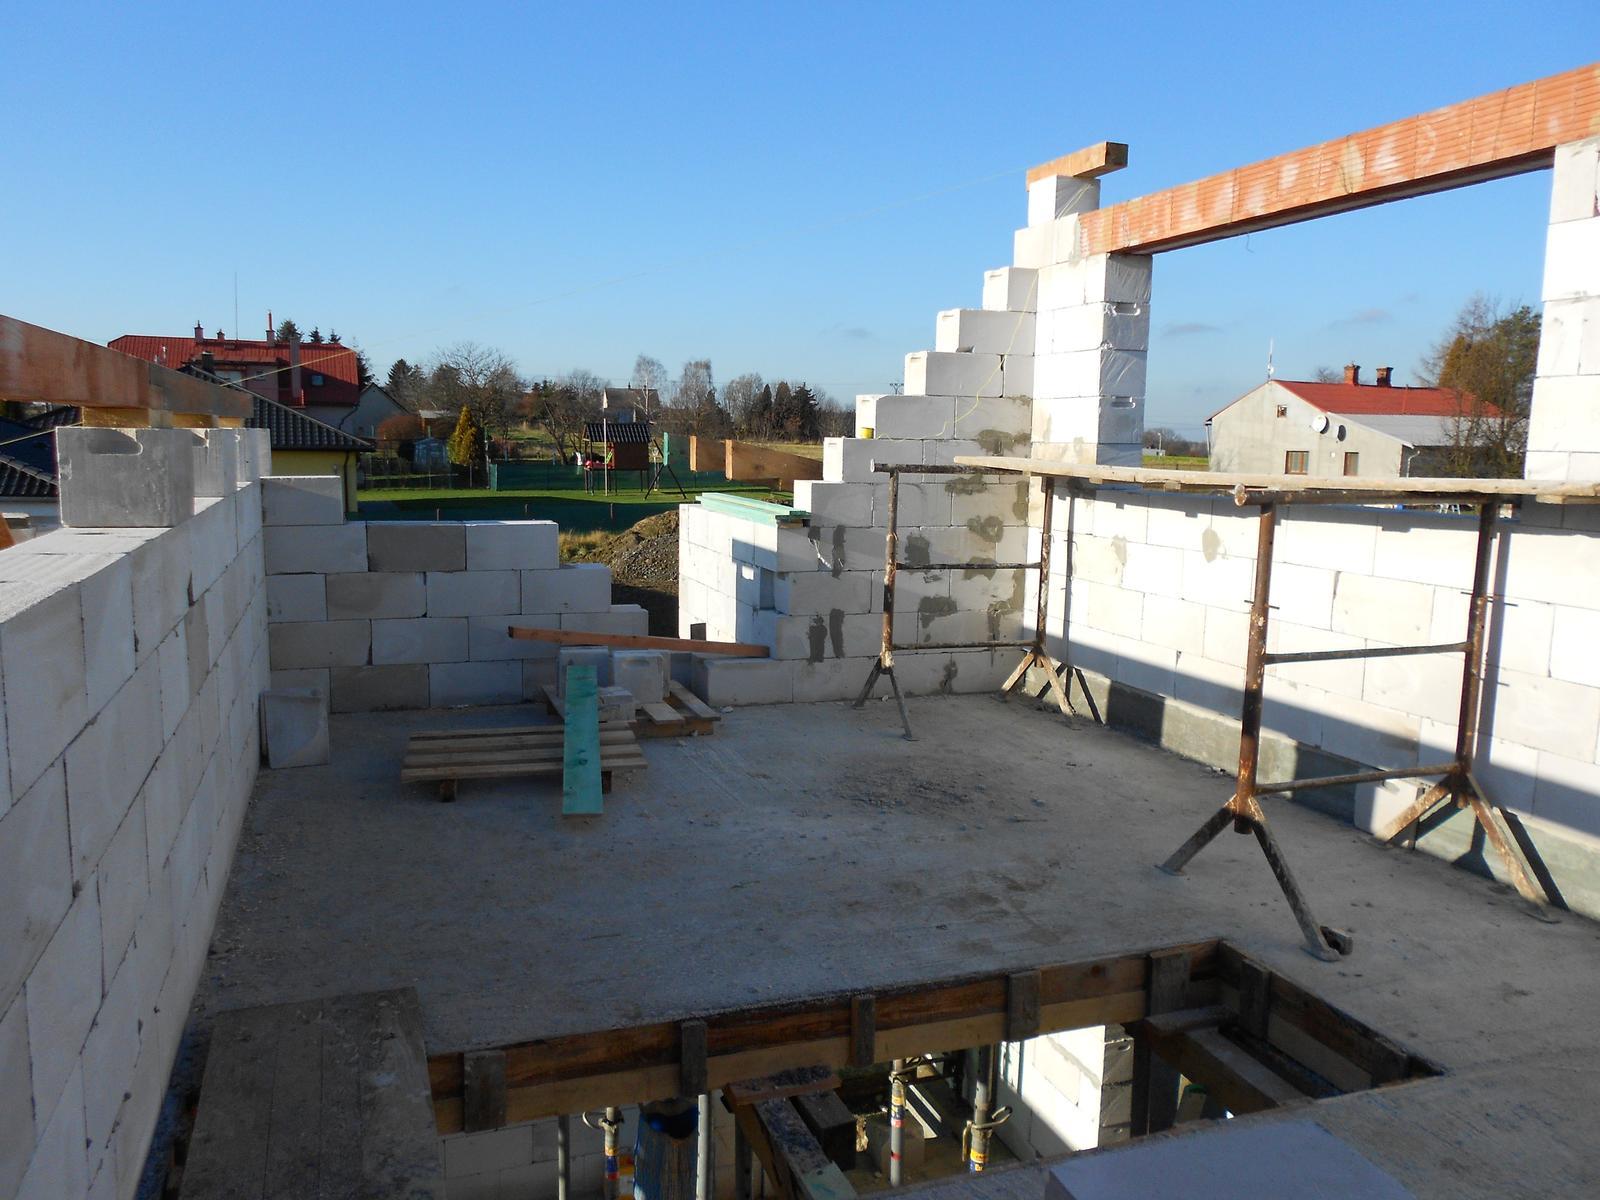 Bungalov 1477 od Euroline - 19.12.2015 Nosné zdi vyzděny a začíná vyměřování a příprava krokví na tuto část střechy.